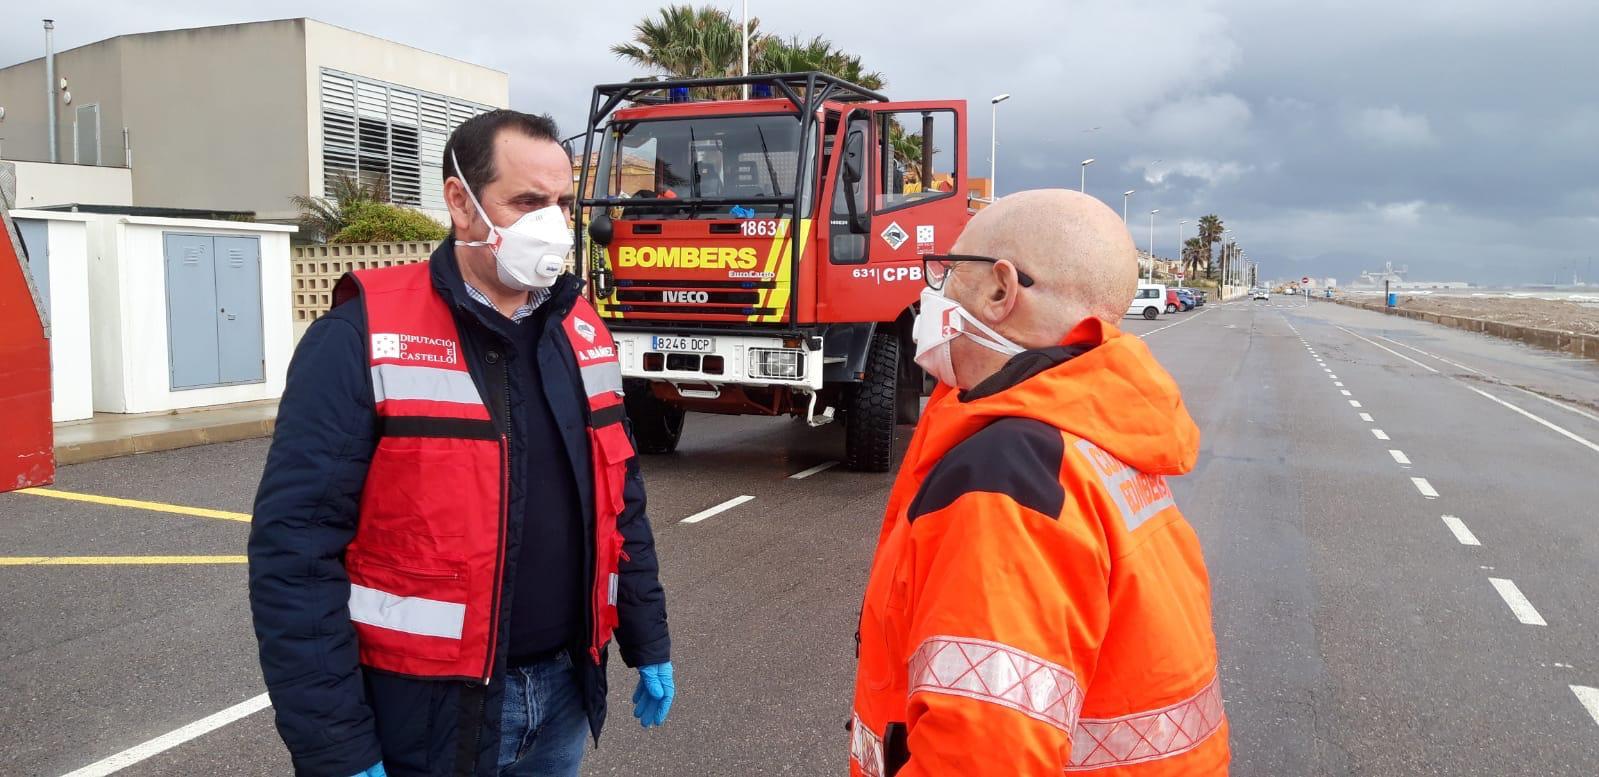 La Diputación de Castellón pide a la población que  extreme la precaucione ante las rachas de viento de 100 Km/h que ocasionará la borrasca Hortense